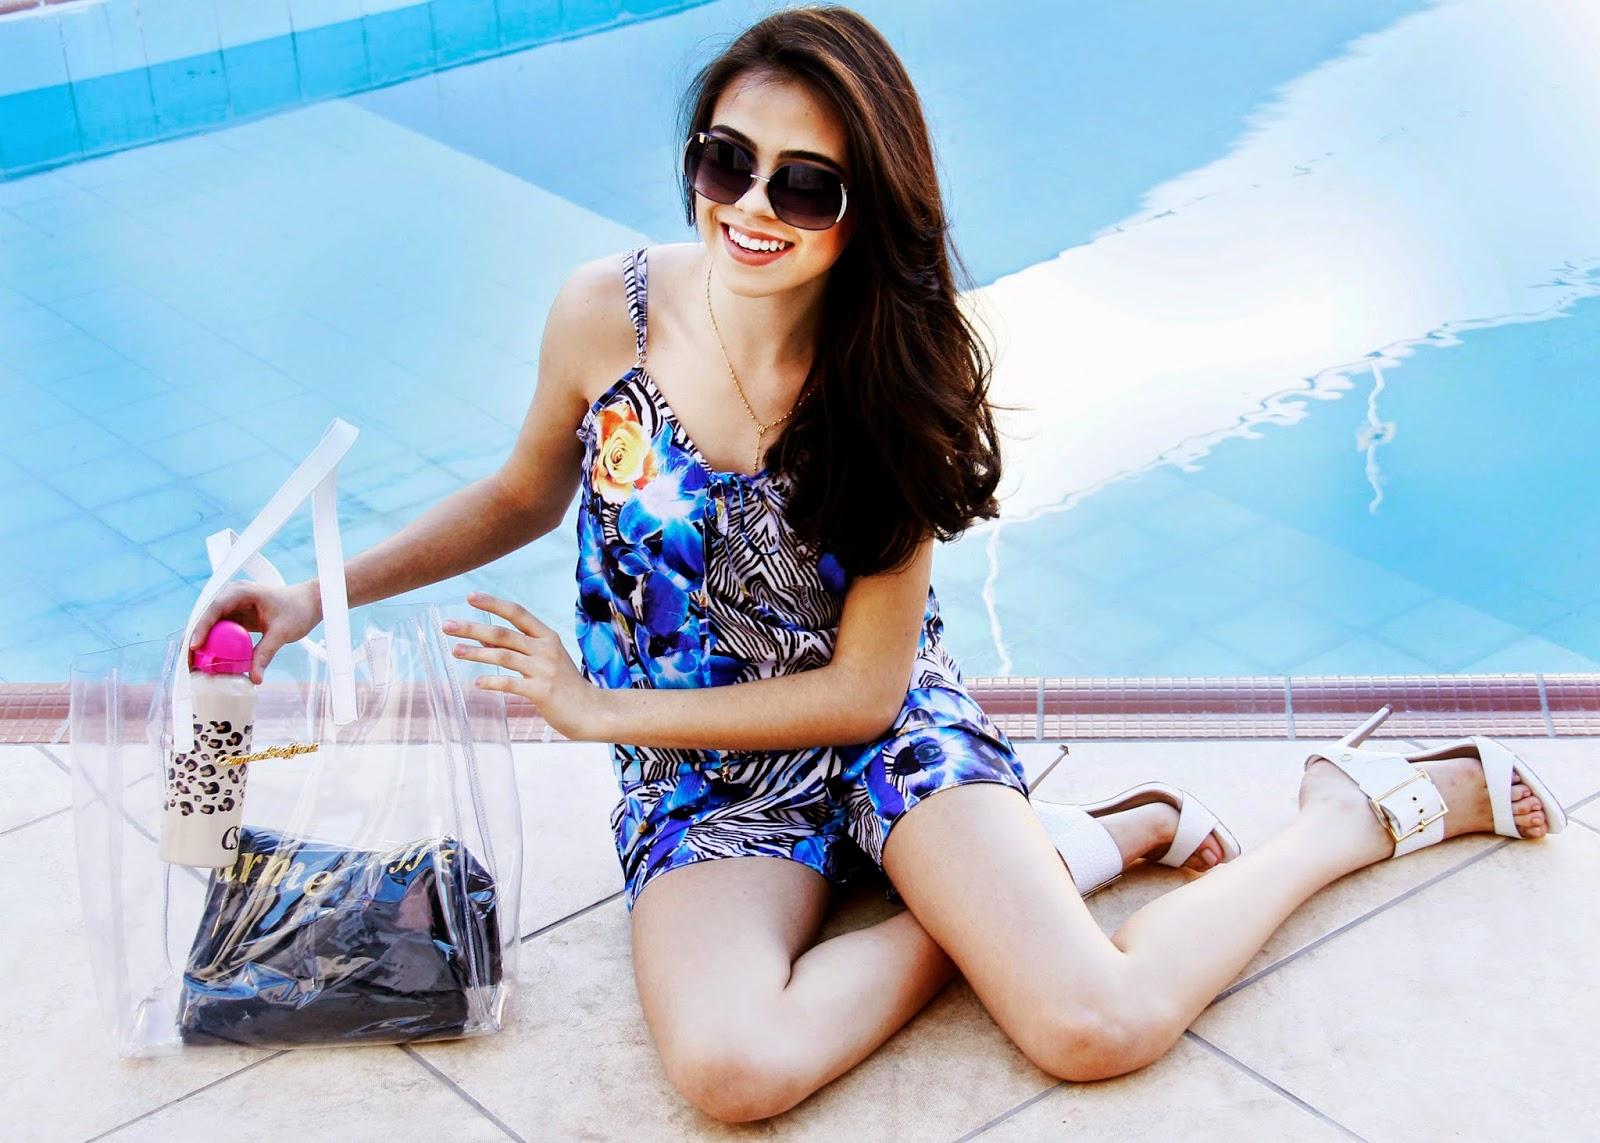 f7a5af83d (Look Carmen Steffens, a composição de macaquinho nos tons de azul com uma  print linda, e uma maravilhosa bolsa de praia que vem acompanhado toalha de  banho ...